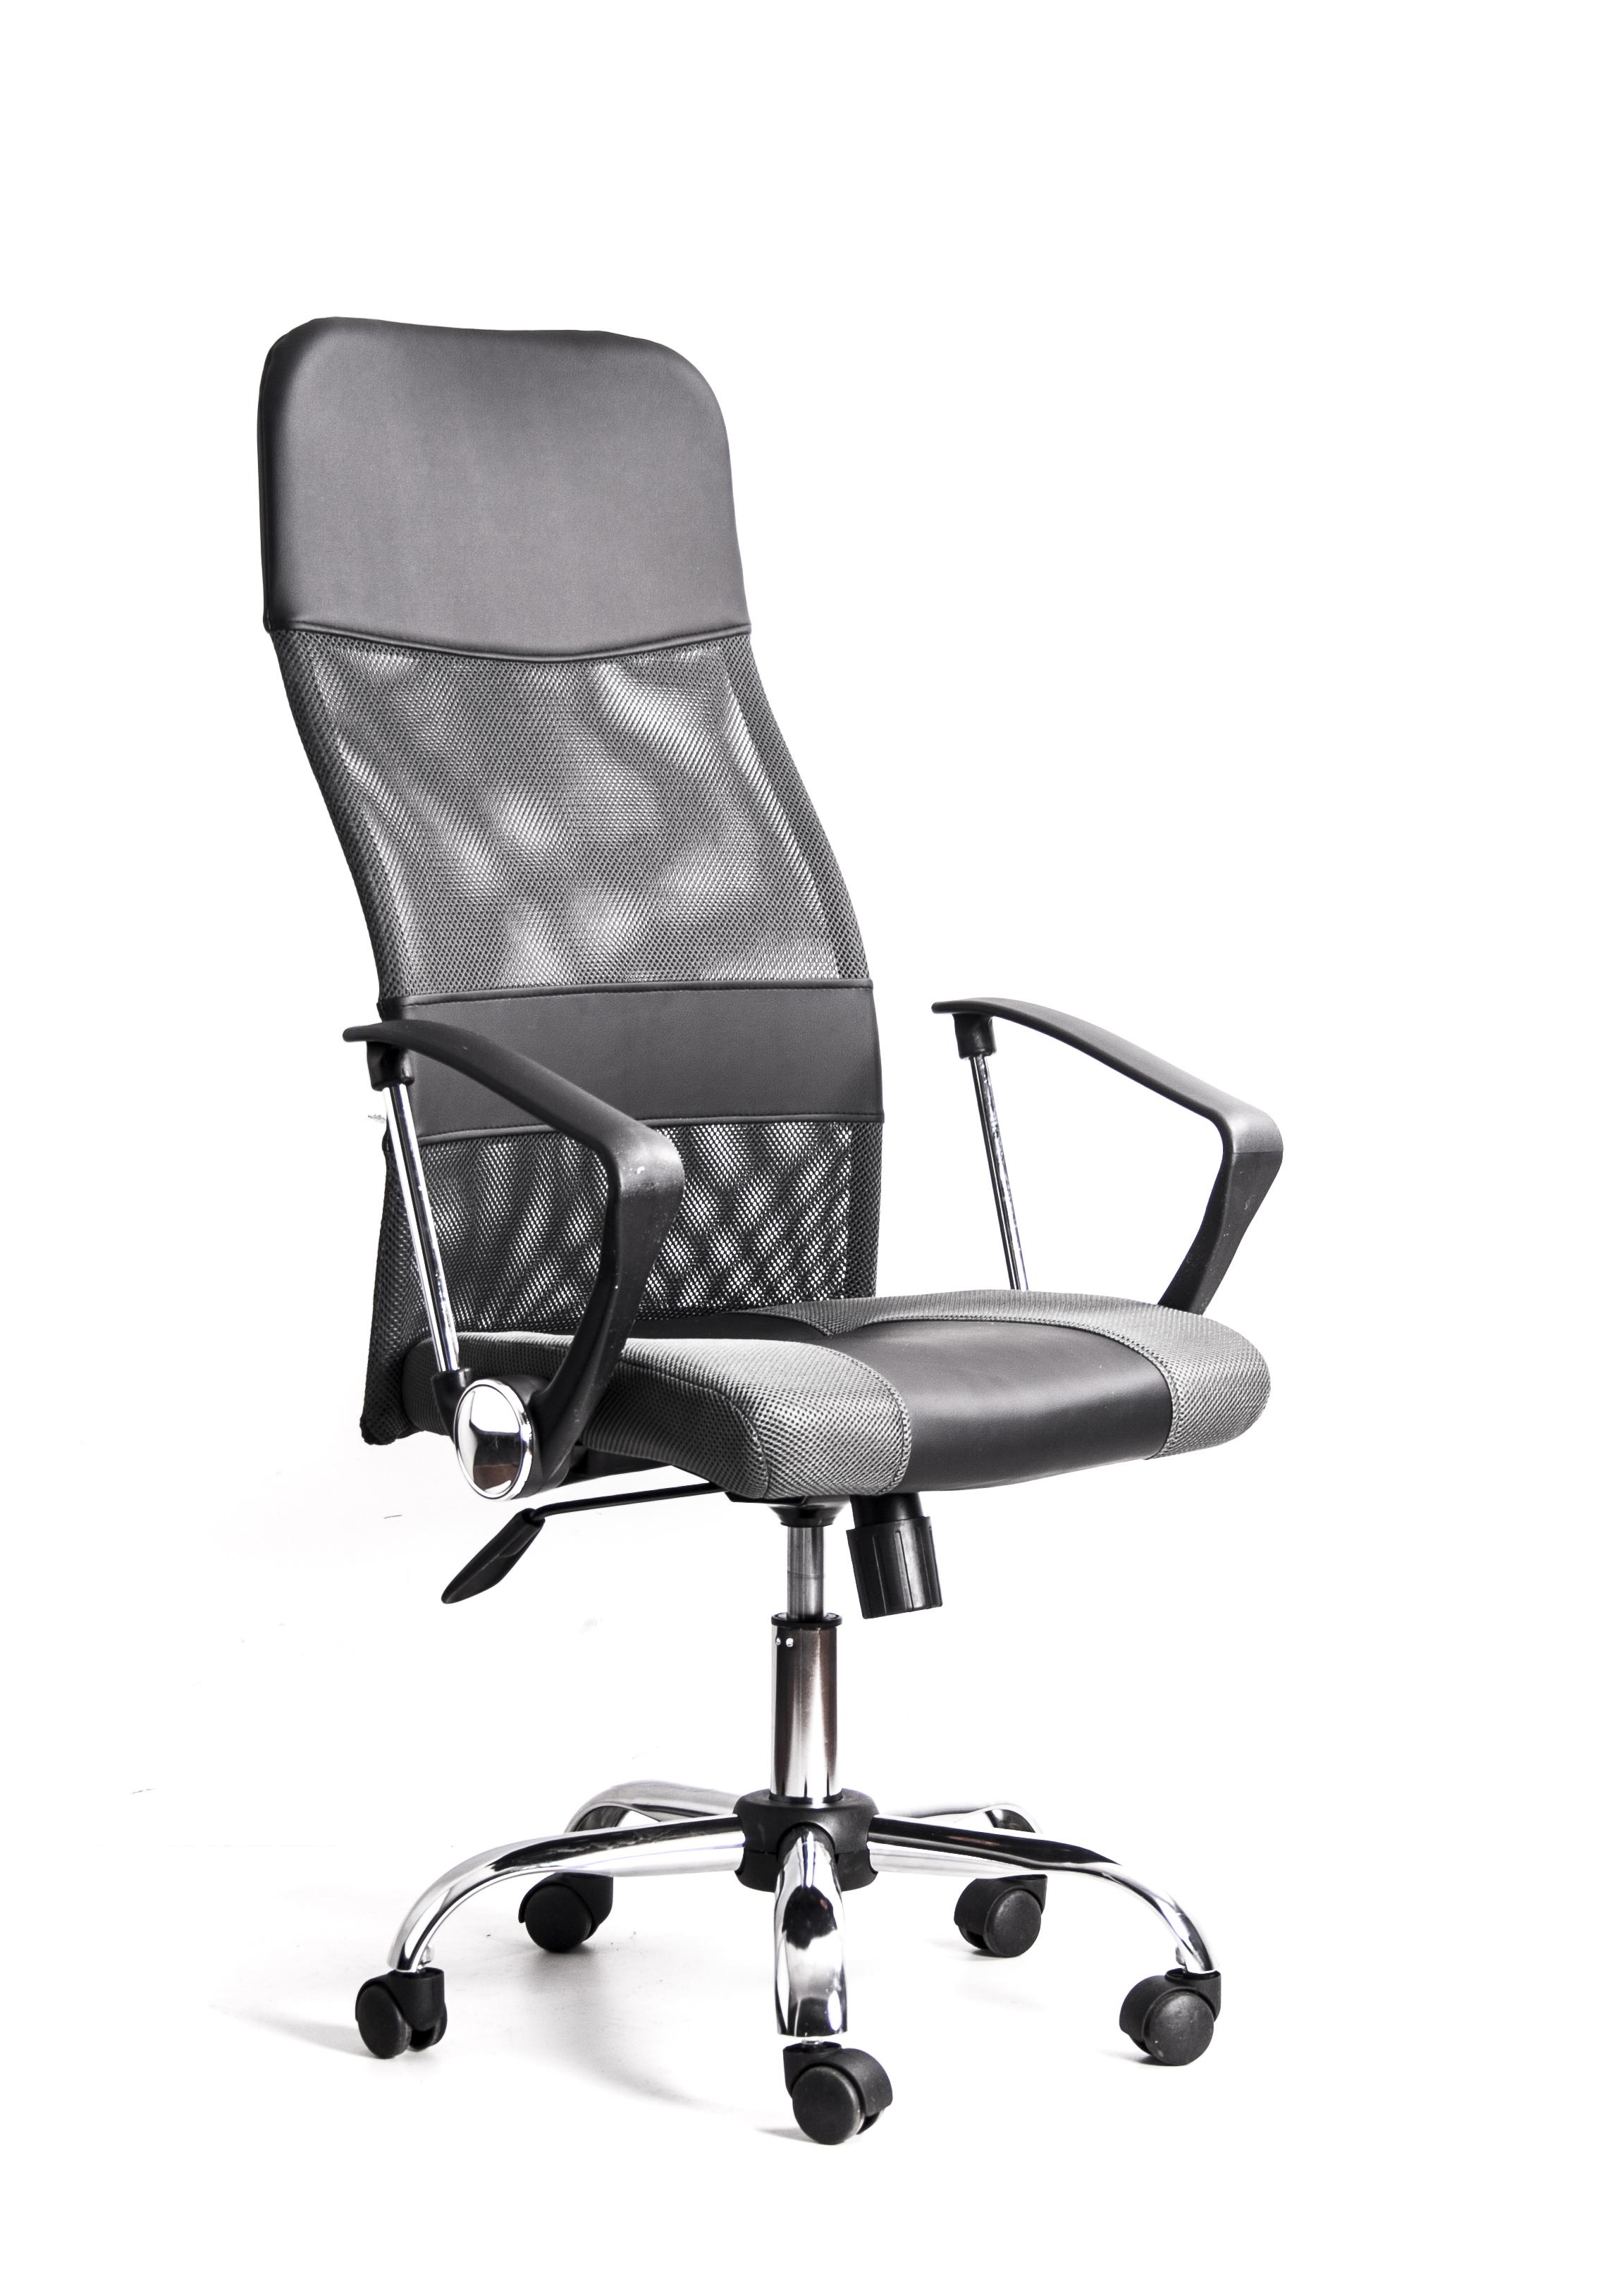 купить Кресло Recardo Smart Серый сетка/кожа, 120кг, газлифт/качание/откидывание по цене 5590 рублей